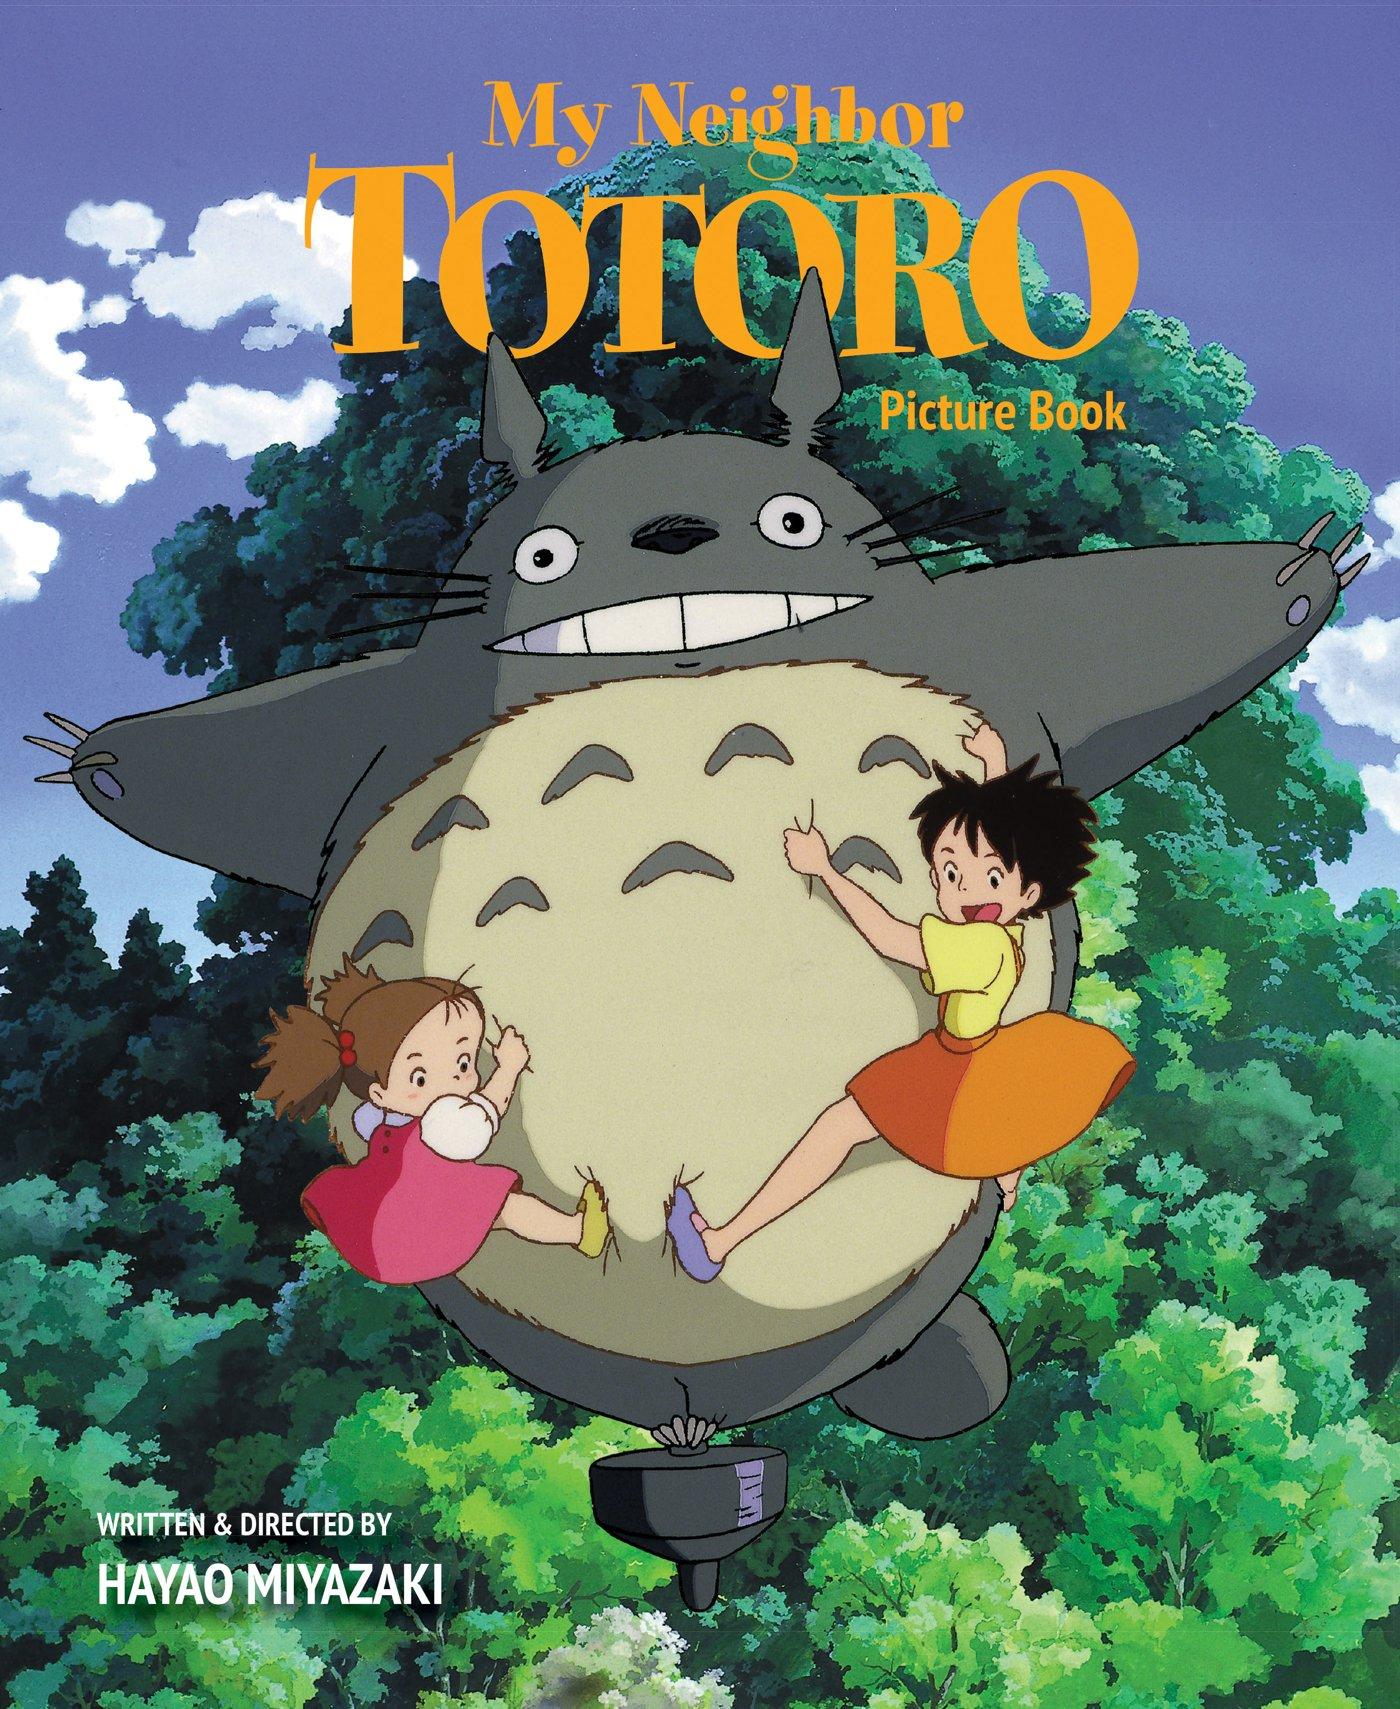 همسایه من تورتو My Neighbor Totoro